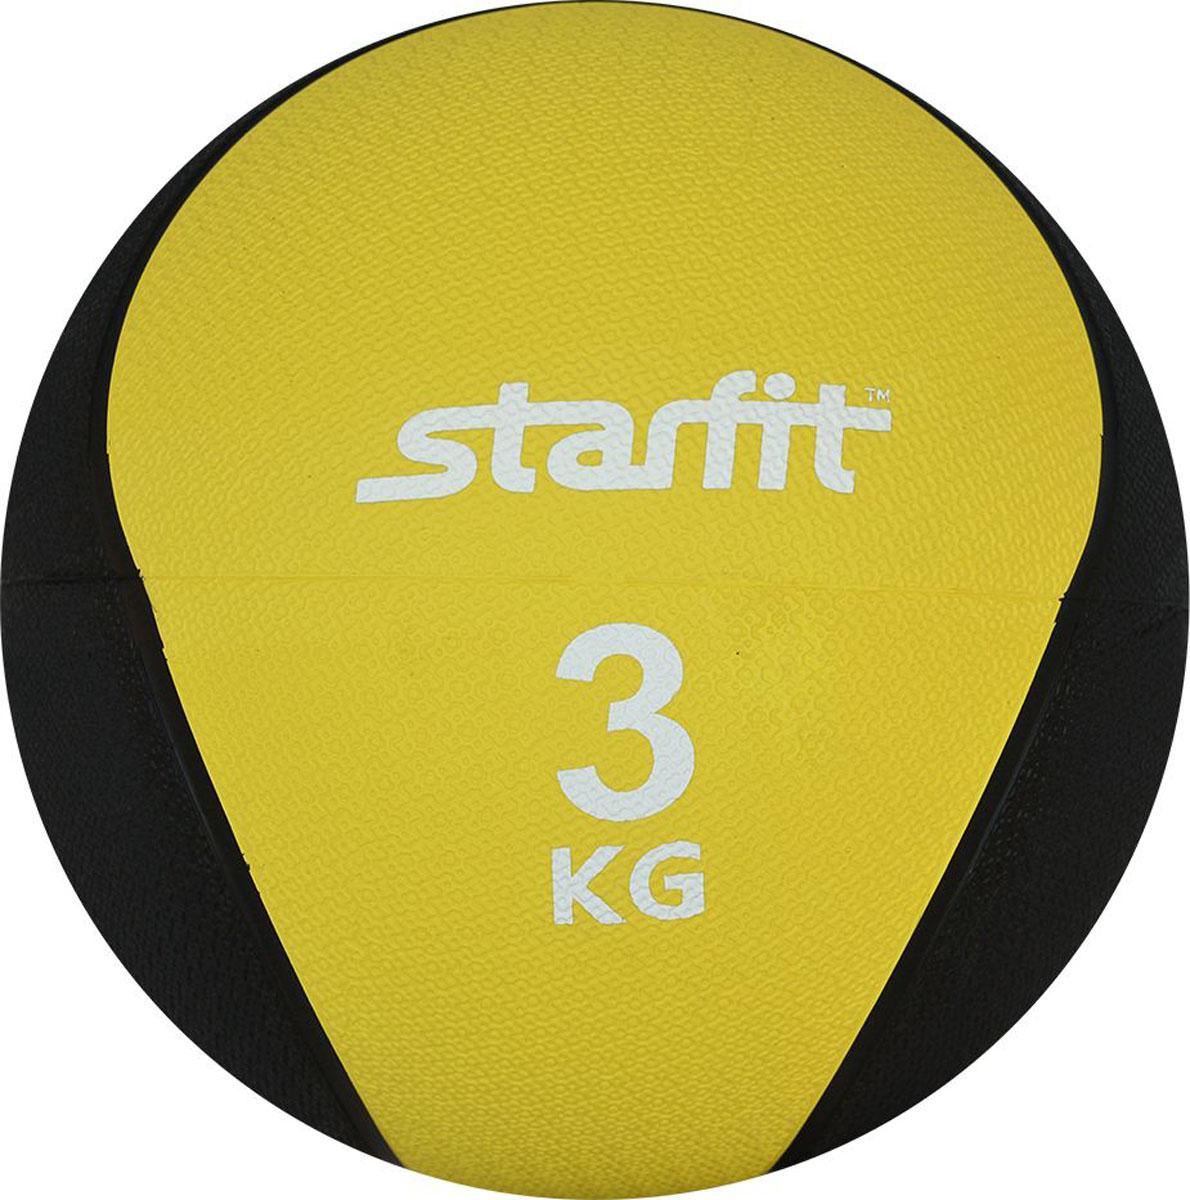 Медицинбол Starfit Pro GB-702, цвет: желтый, 3 кг купить паяльную станцию lukey 702 в украине